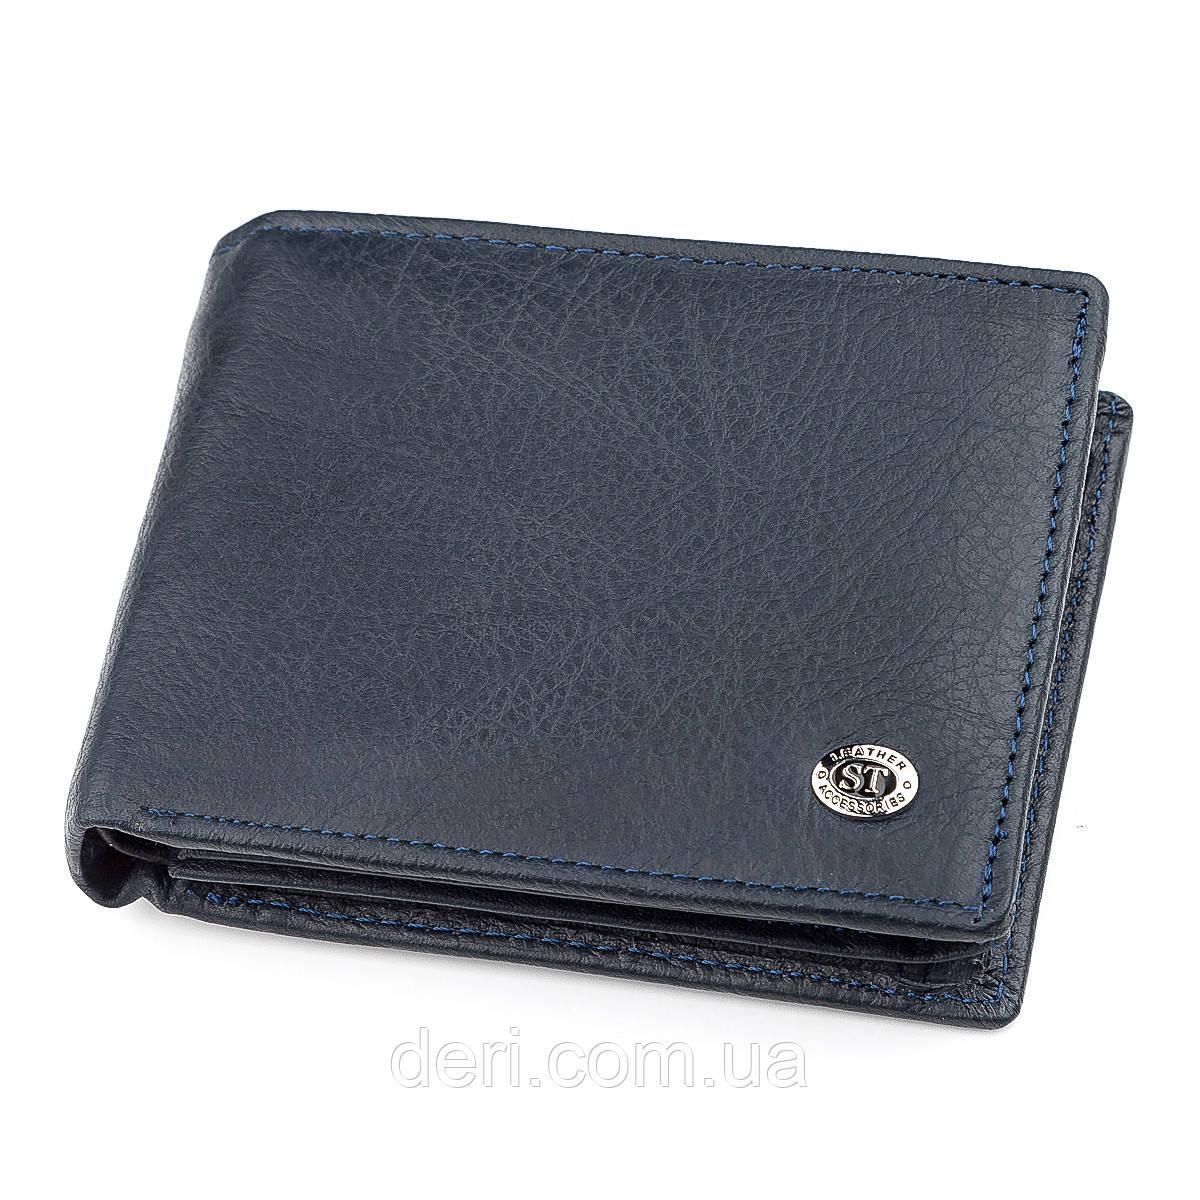 Мужской кошелек кожаный многофункциональный синий ST Leather